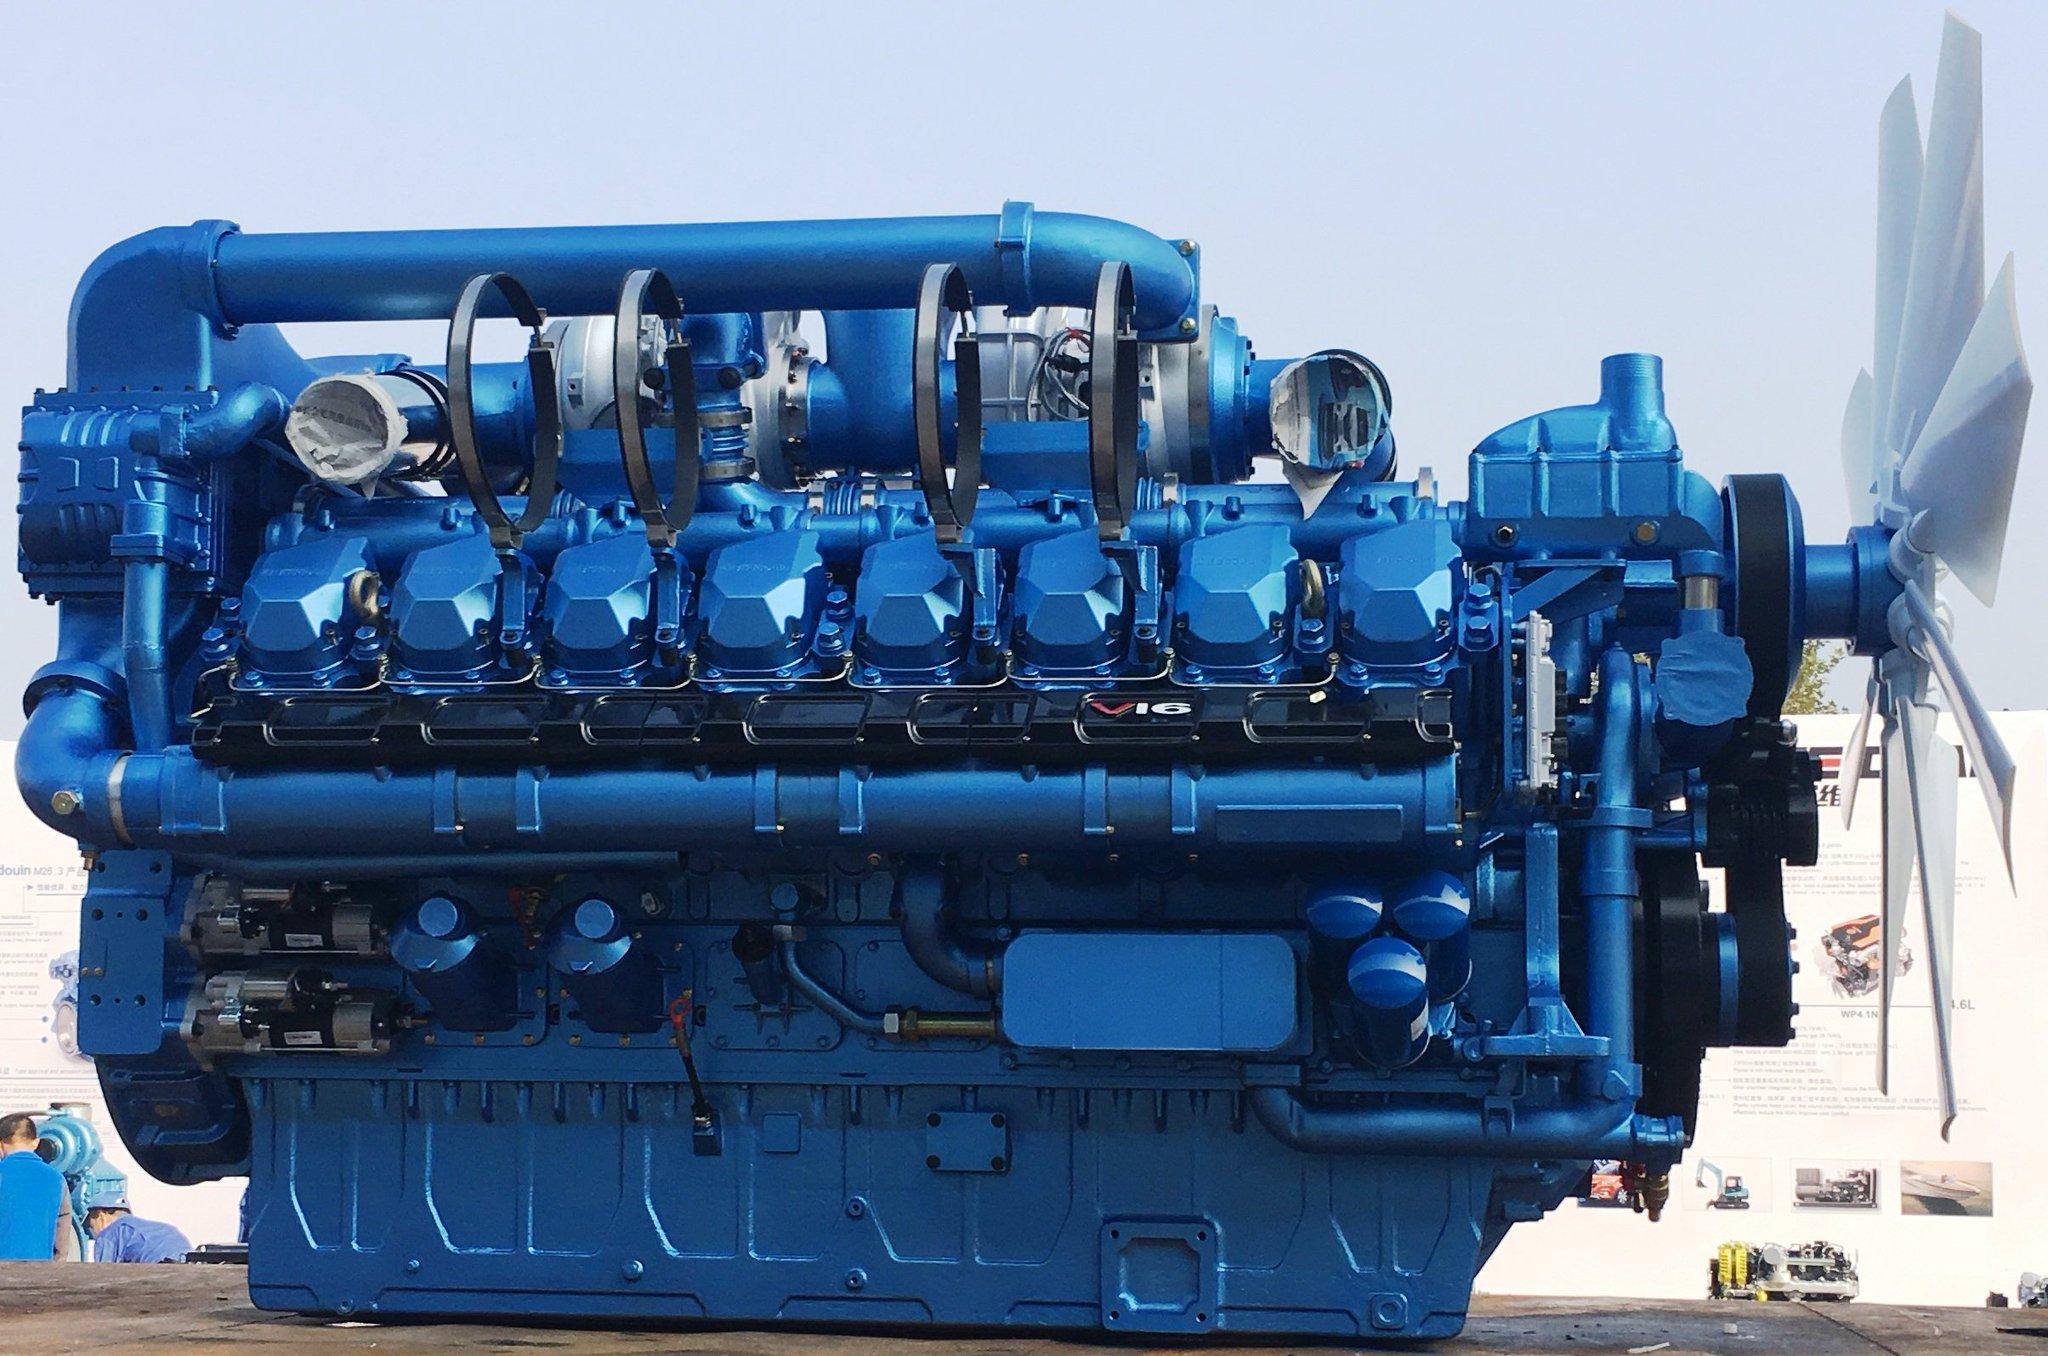 ГПУ 1200 кВт двигатель Baudouin 16М33